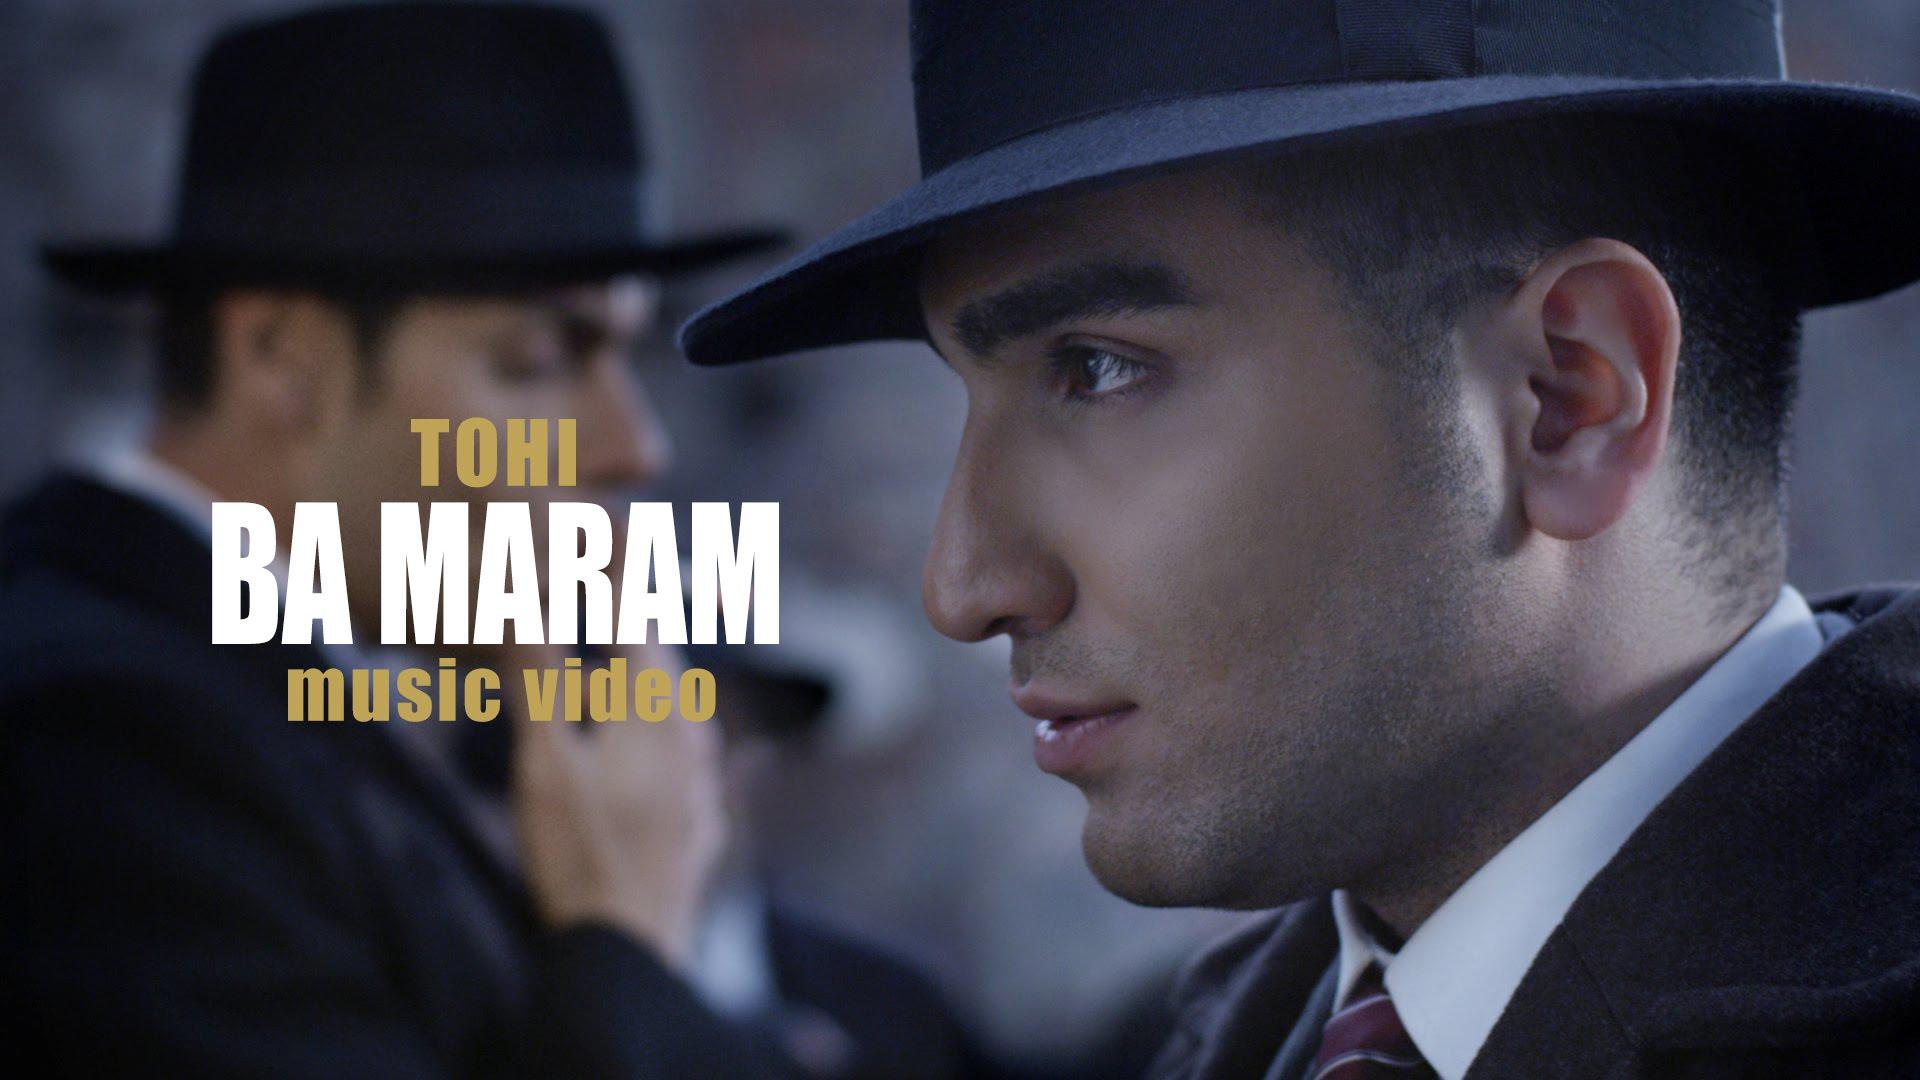 دانلود موزیک ویدئو جدید و زیبای حسین تهی به نام با مرام